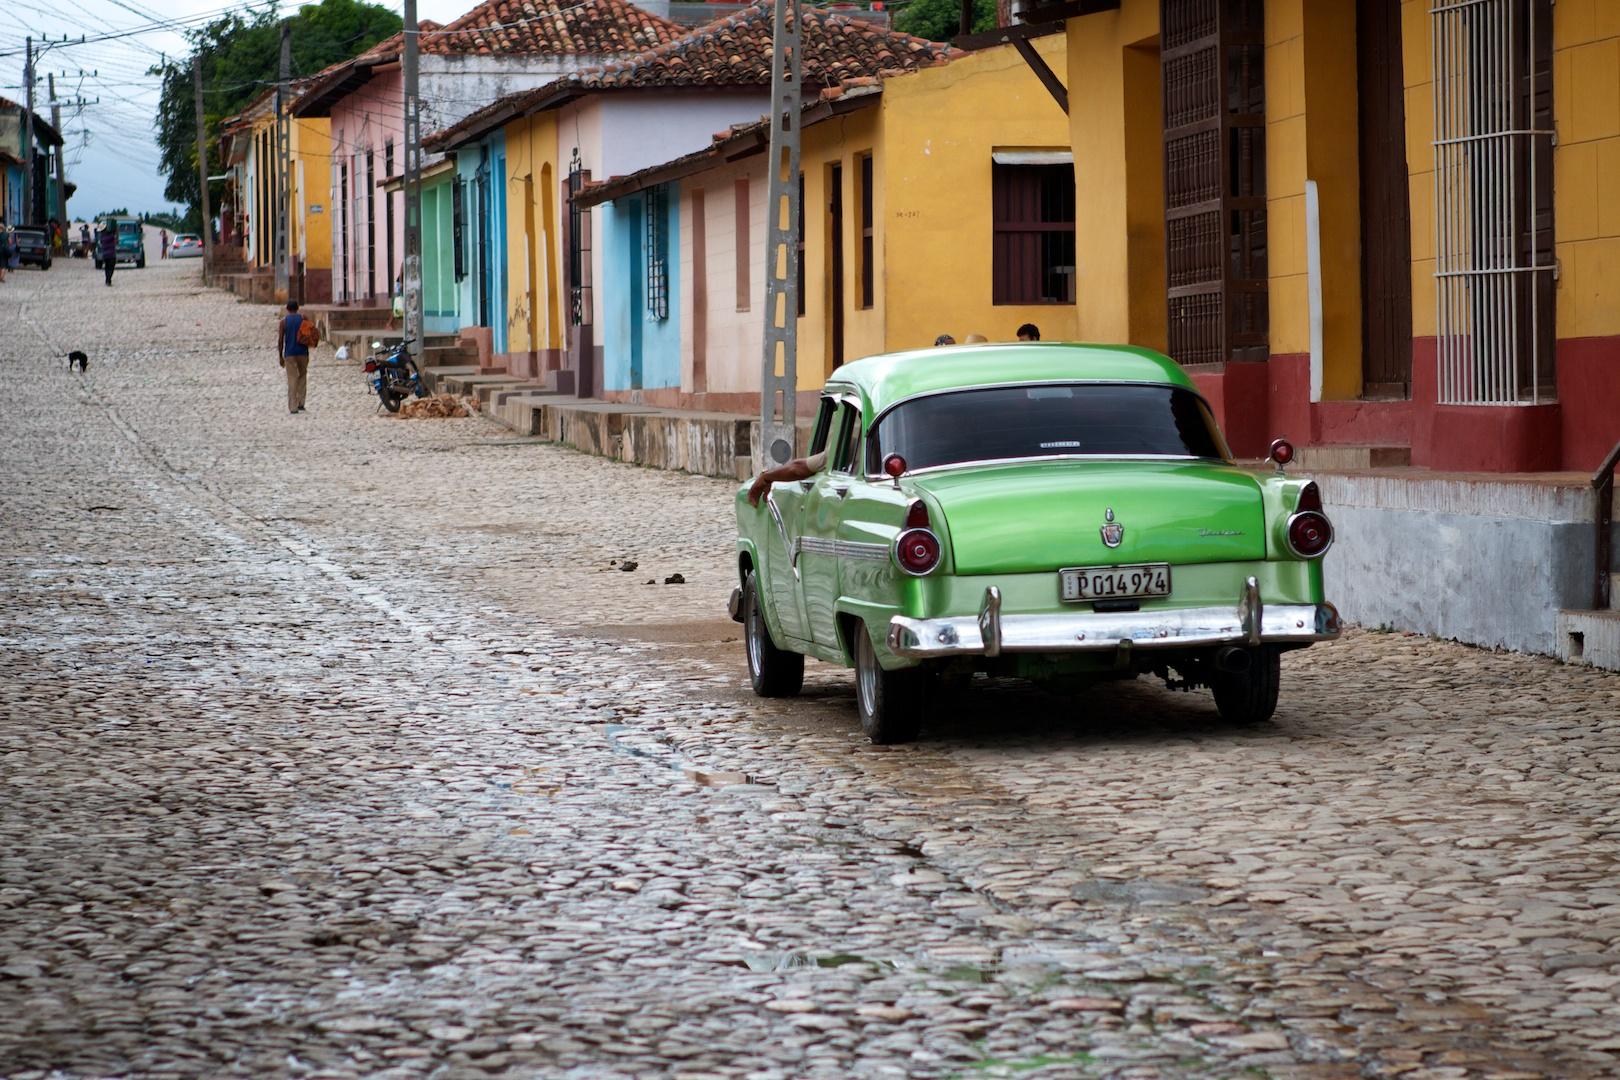 Cuba_20151130 098.jpg